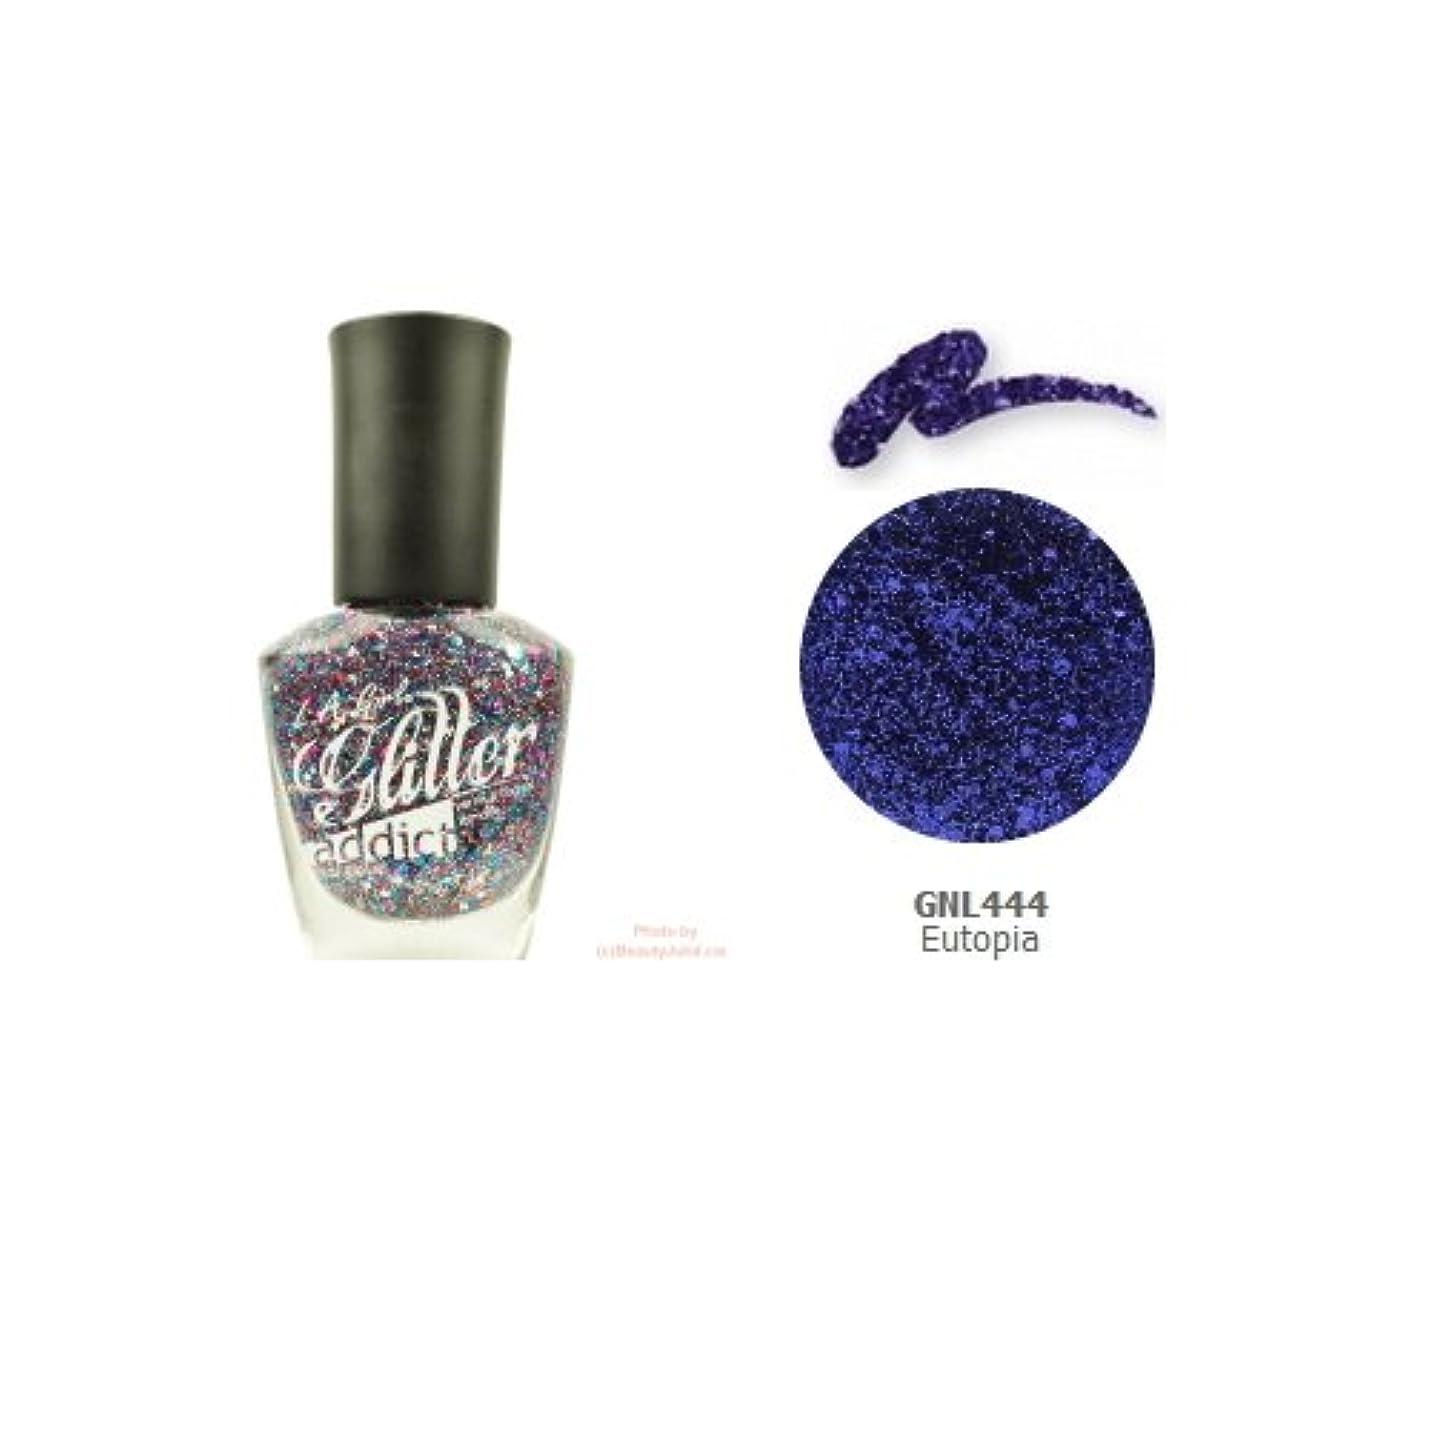 くつろぎ悪意非効率的な(3 Pack) LA GIRL Glitter Addict Polish - Eutopia (並行輸入品)